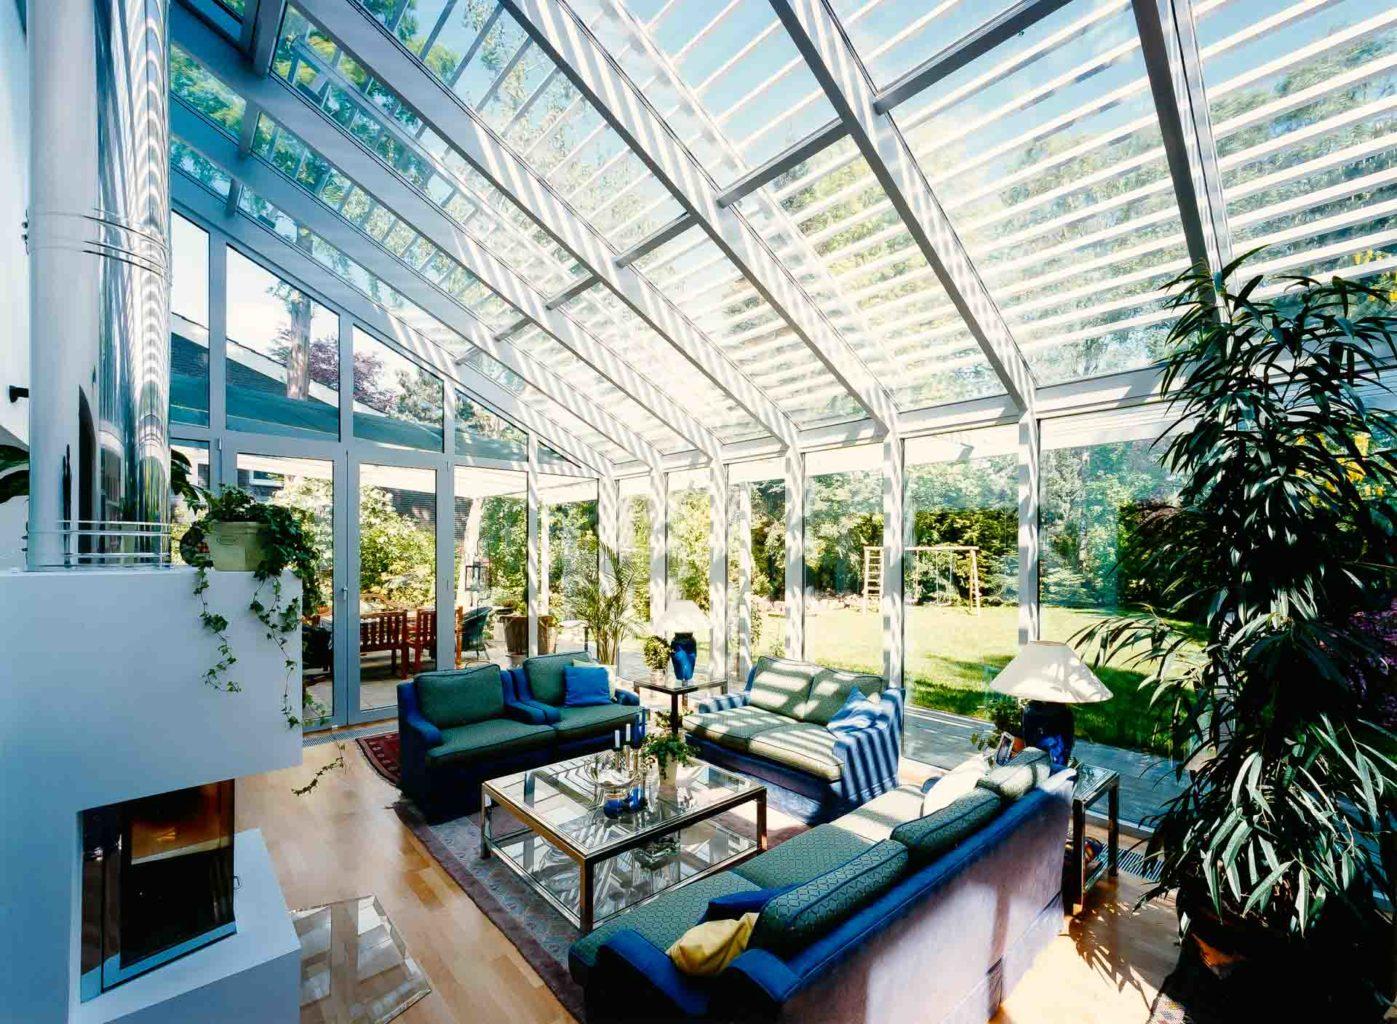 FineArt Wintergarten in Dortmund (Objekt 806). Wohnwintergärten sind als vollwertige Räume nutzbar. Glasscheiben geben den Blick frei auf Garten und Himmel. Eine außenliegende Aluminium-Jalousie spendet bei Bedarf Schatten.